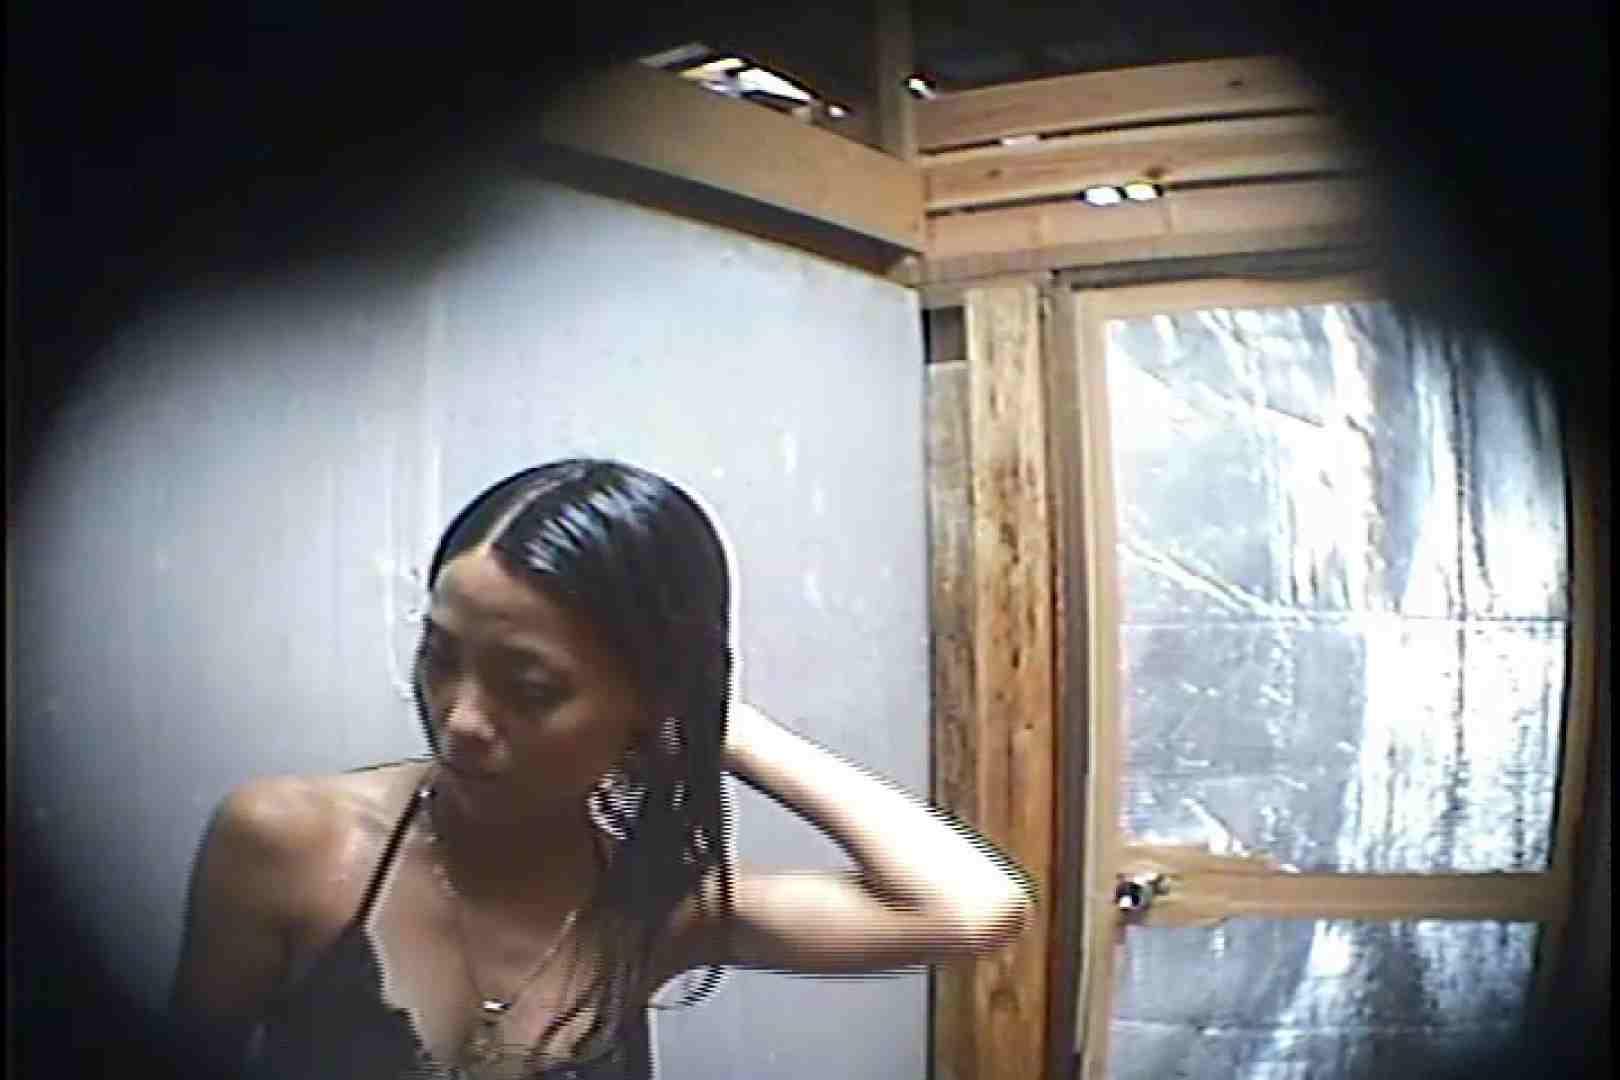 海の家の更衣室 Vol.45 日焼けギャル エロ画像 76枚 47